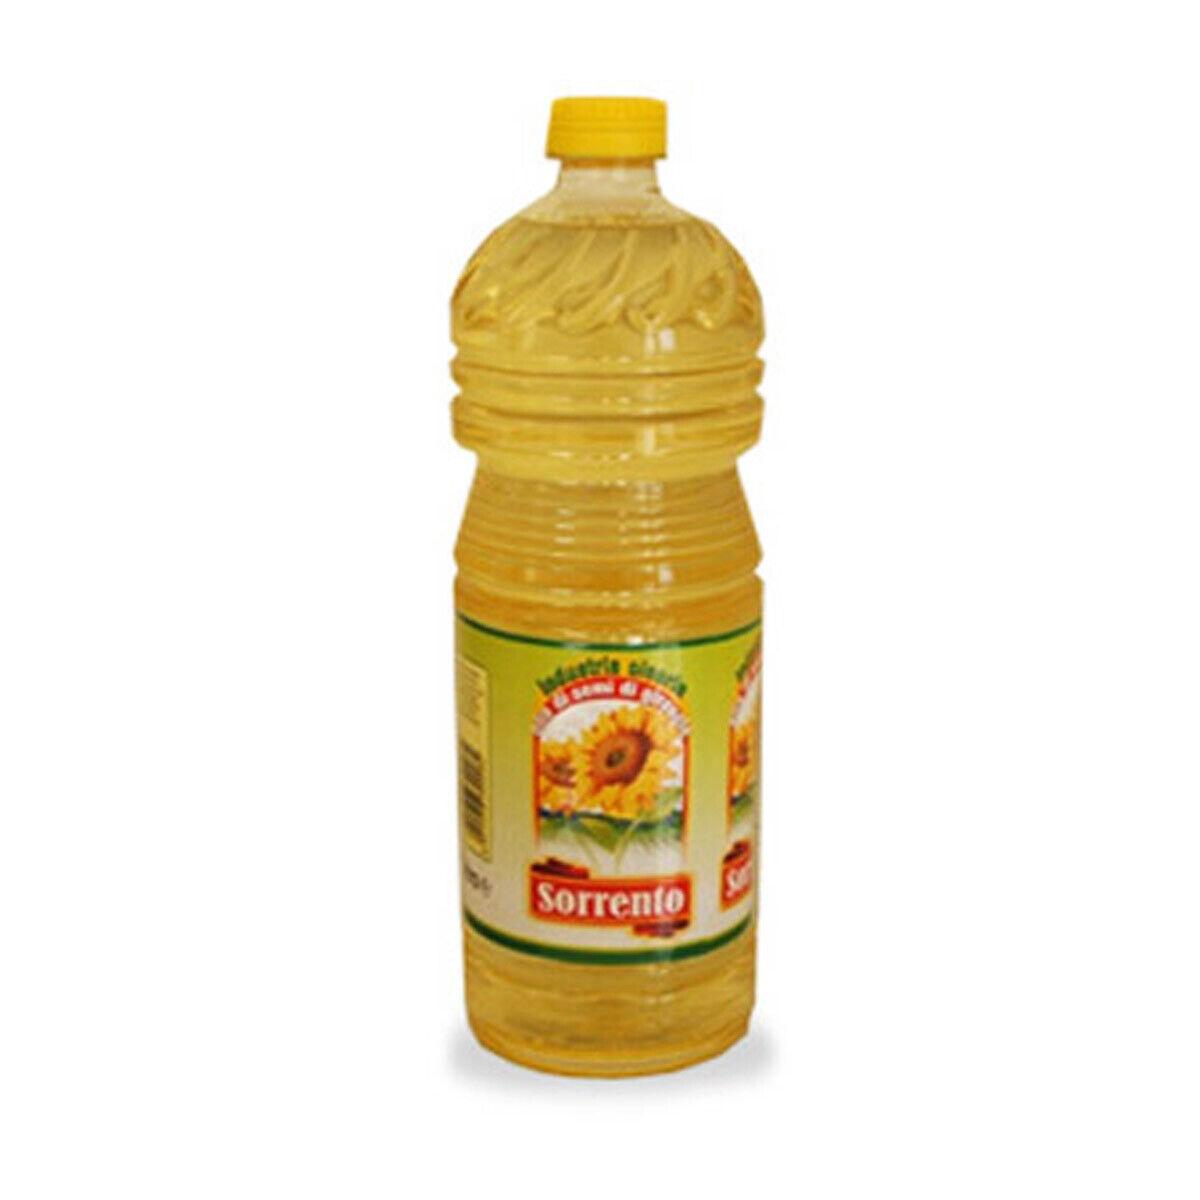 Codice Sconto Gastronomia eBay.it 1 Litro Bottiglia Di Olio Di Semi Di Girasole Sorrento Industria Olearia